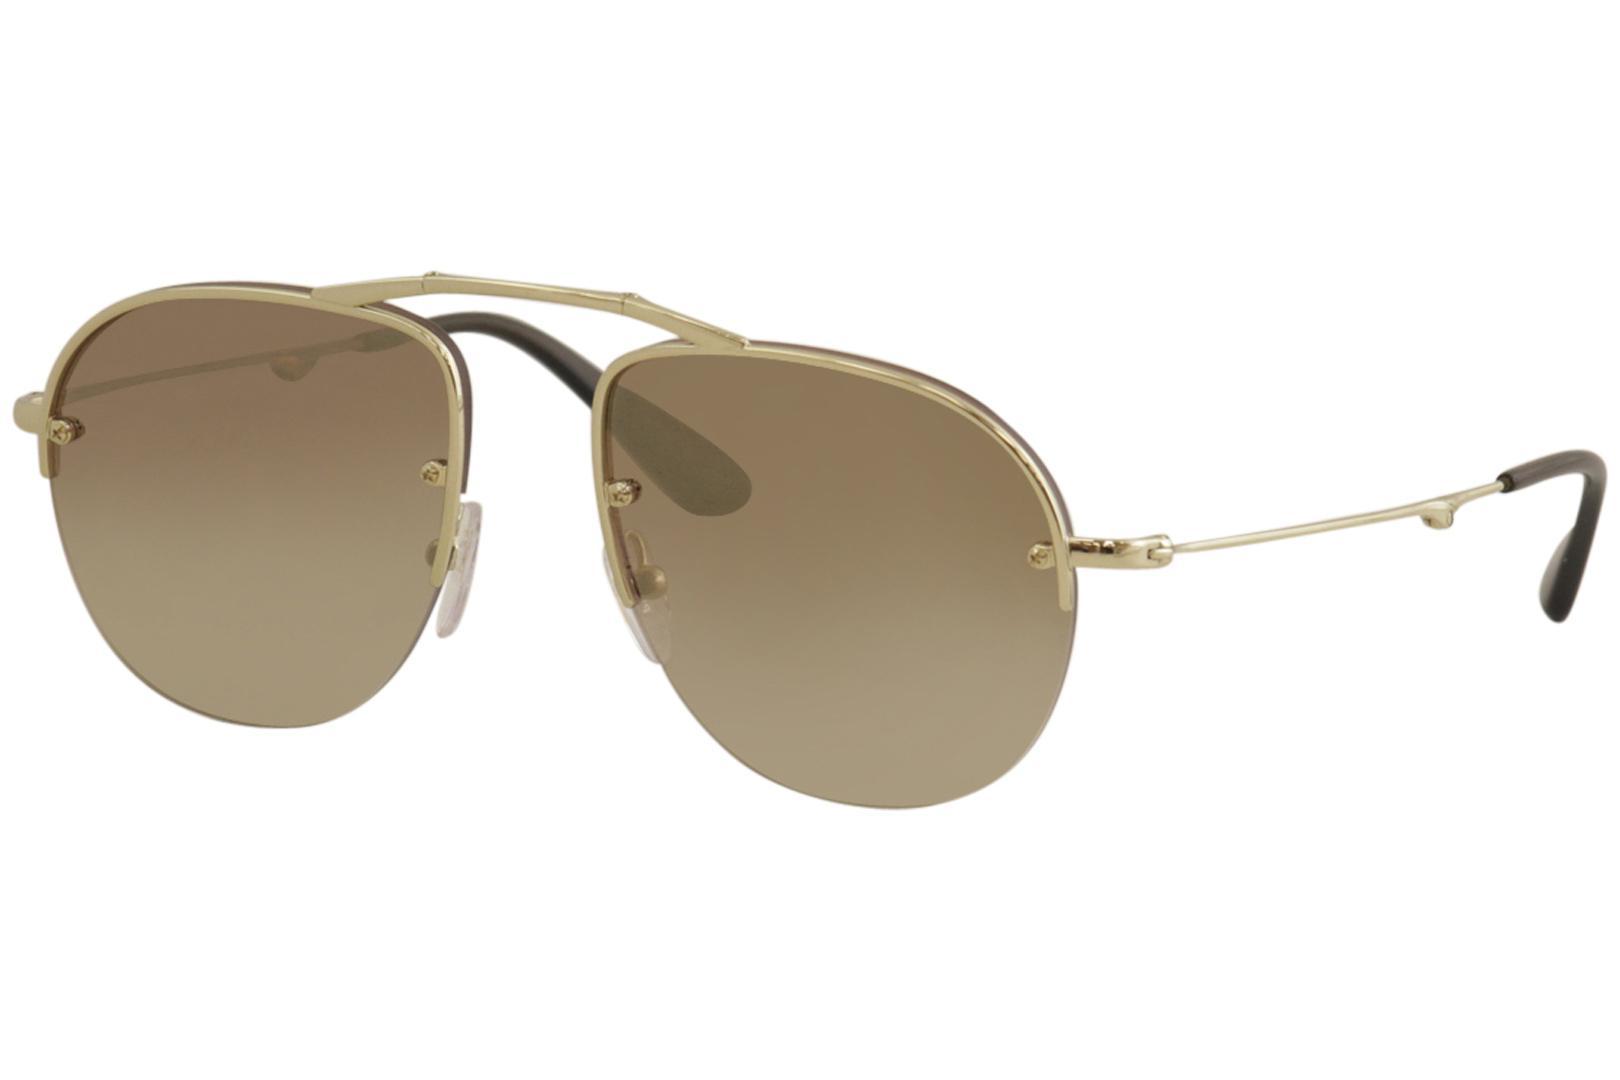 5e11ebc4b94e Prada Women's SPR54U SPR/54/U Folding Pilot Sunglasses